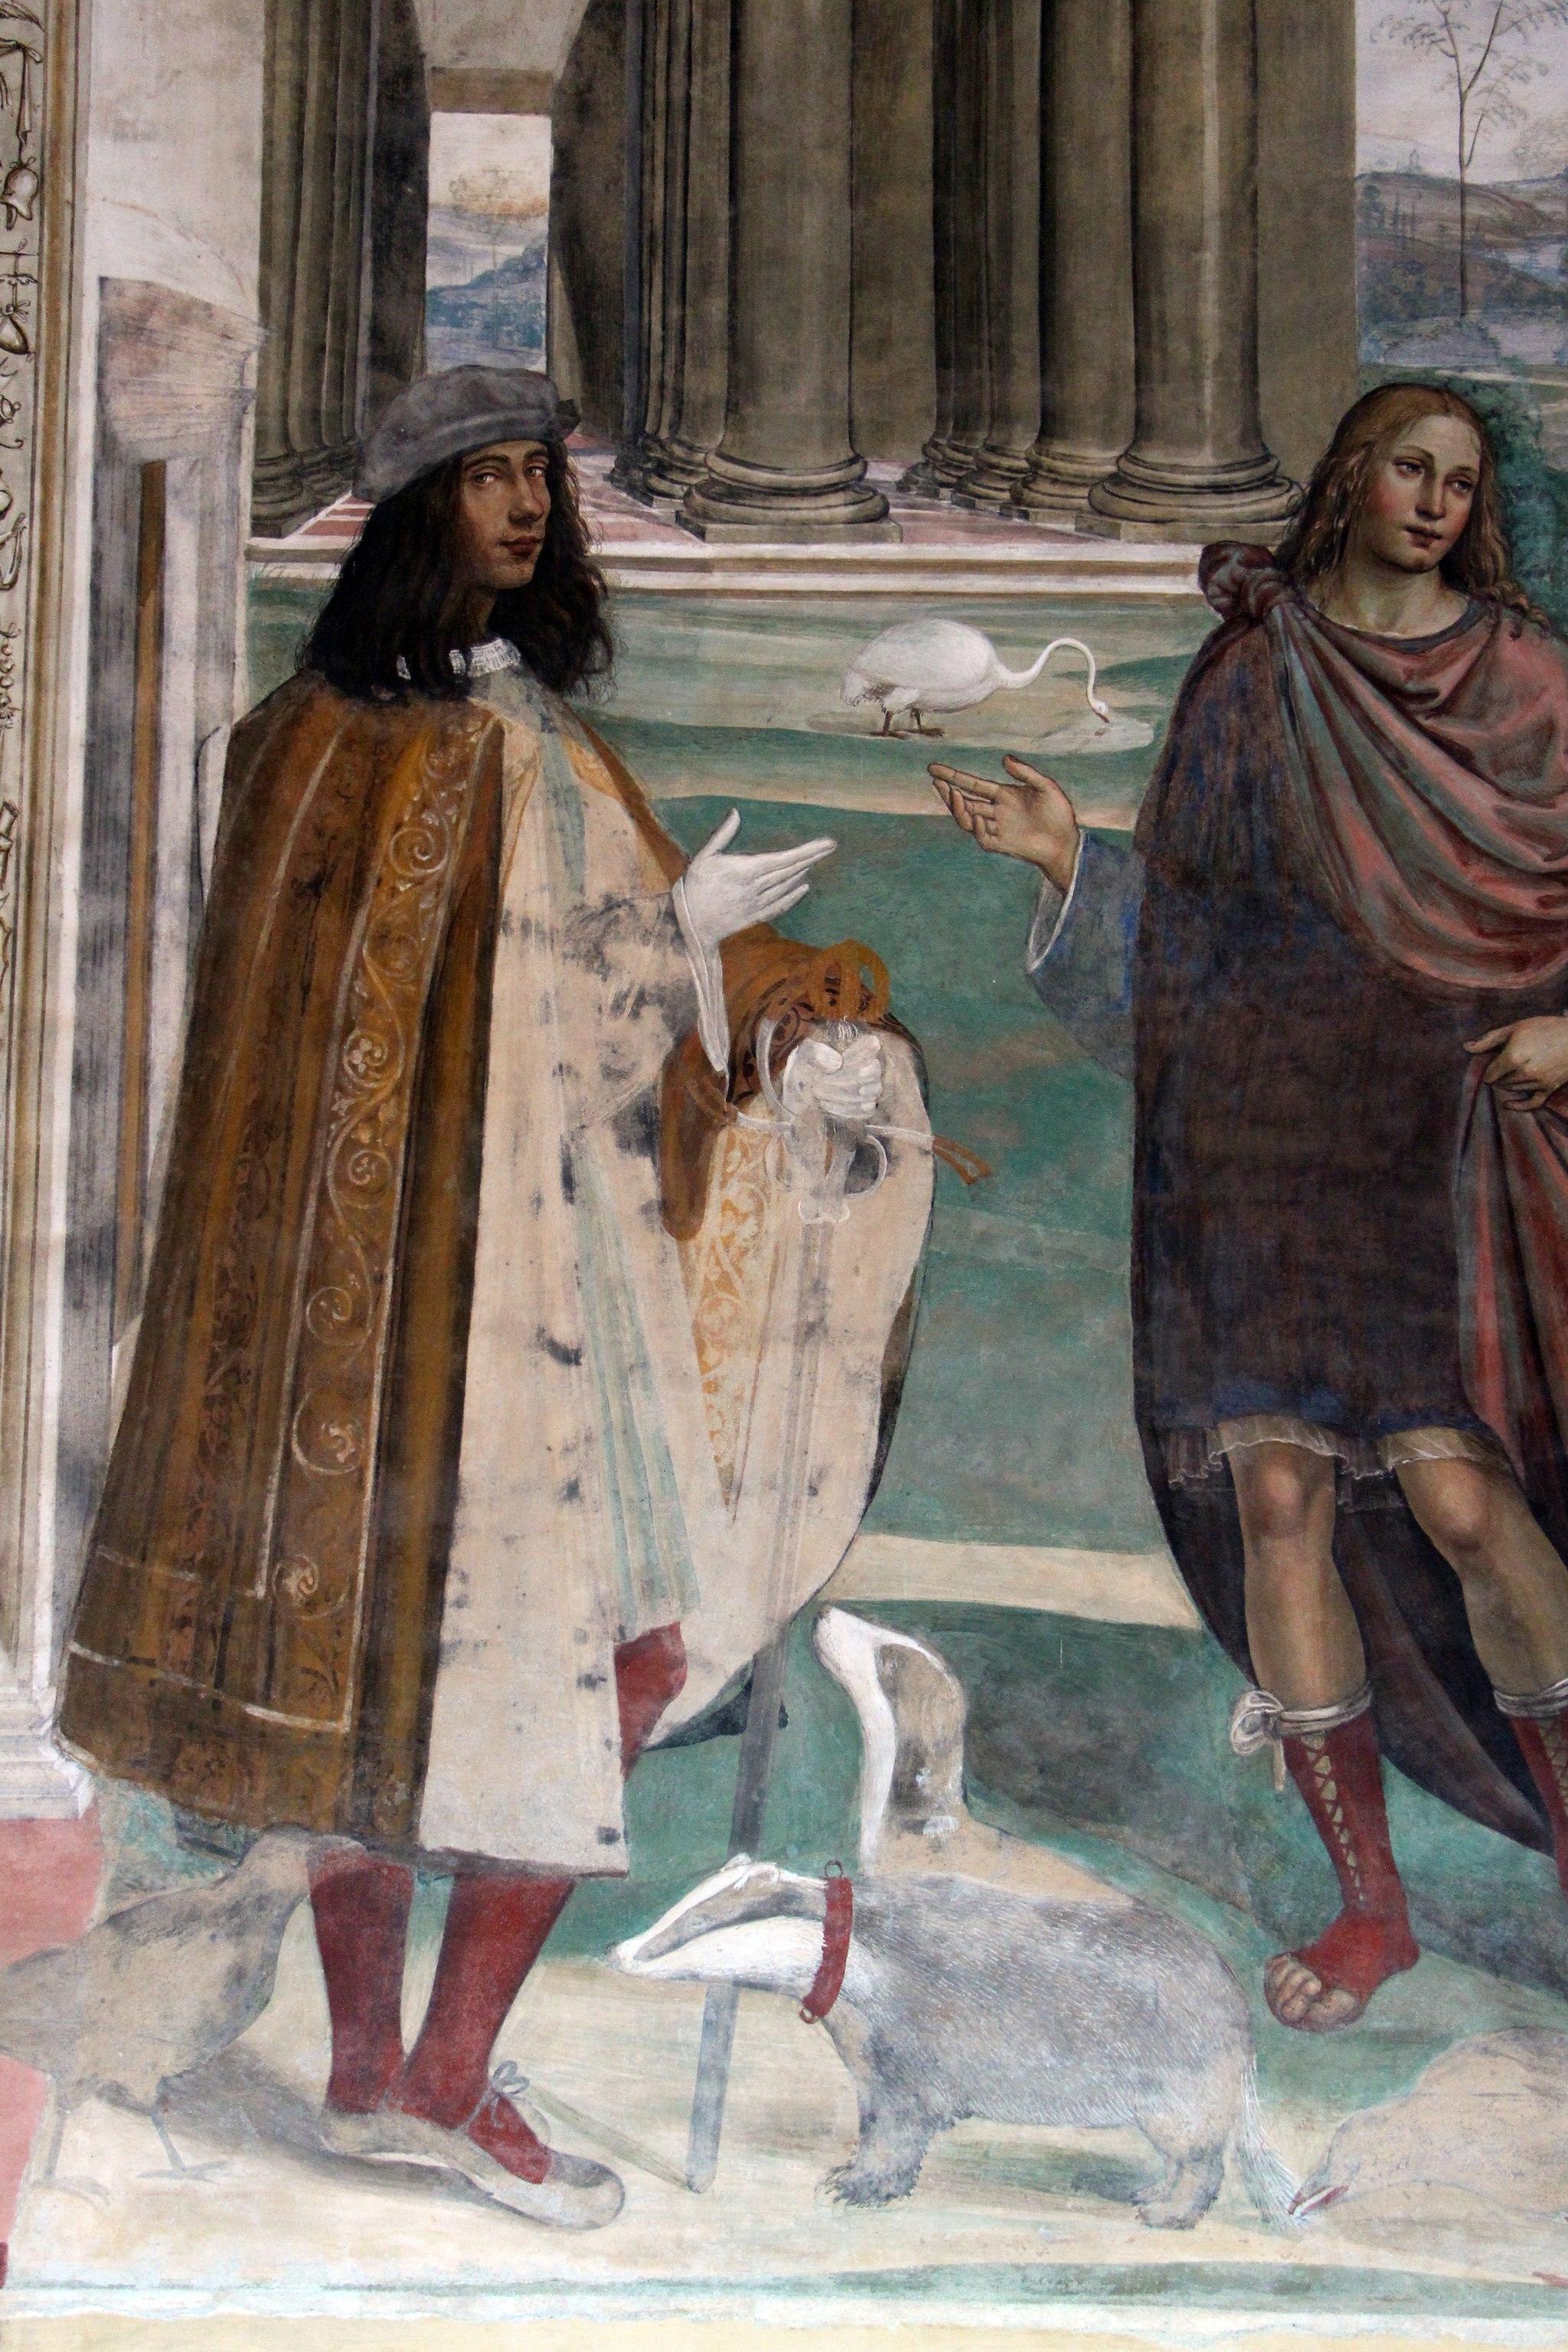 Il Sodoma (Giovanni Antonio Bazzi)   Le storie di San Benedetto, Scena 3, dettaglio